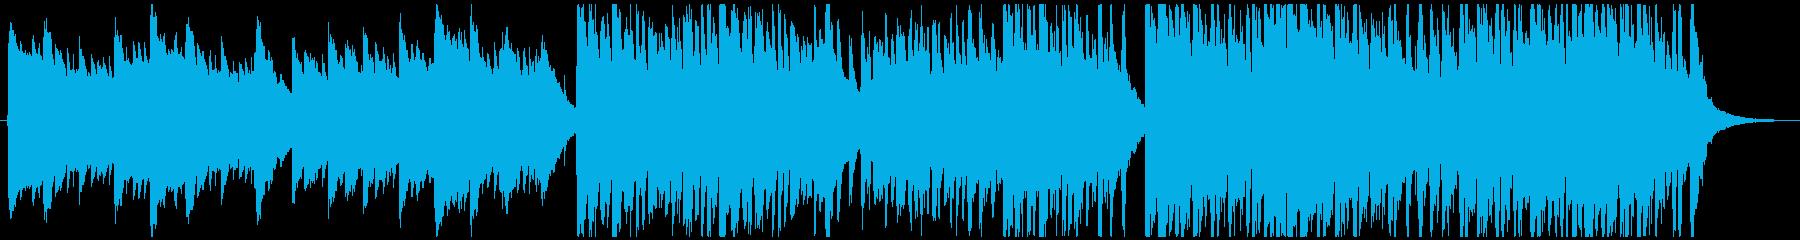 室内楽 モダン 交響曲 アクティブ...の再生済みの波形